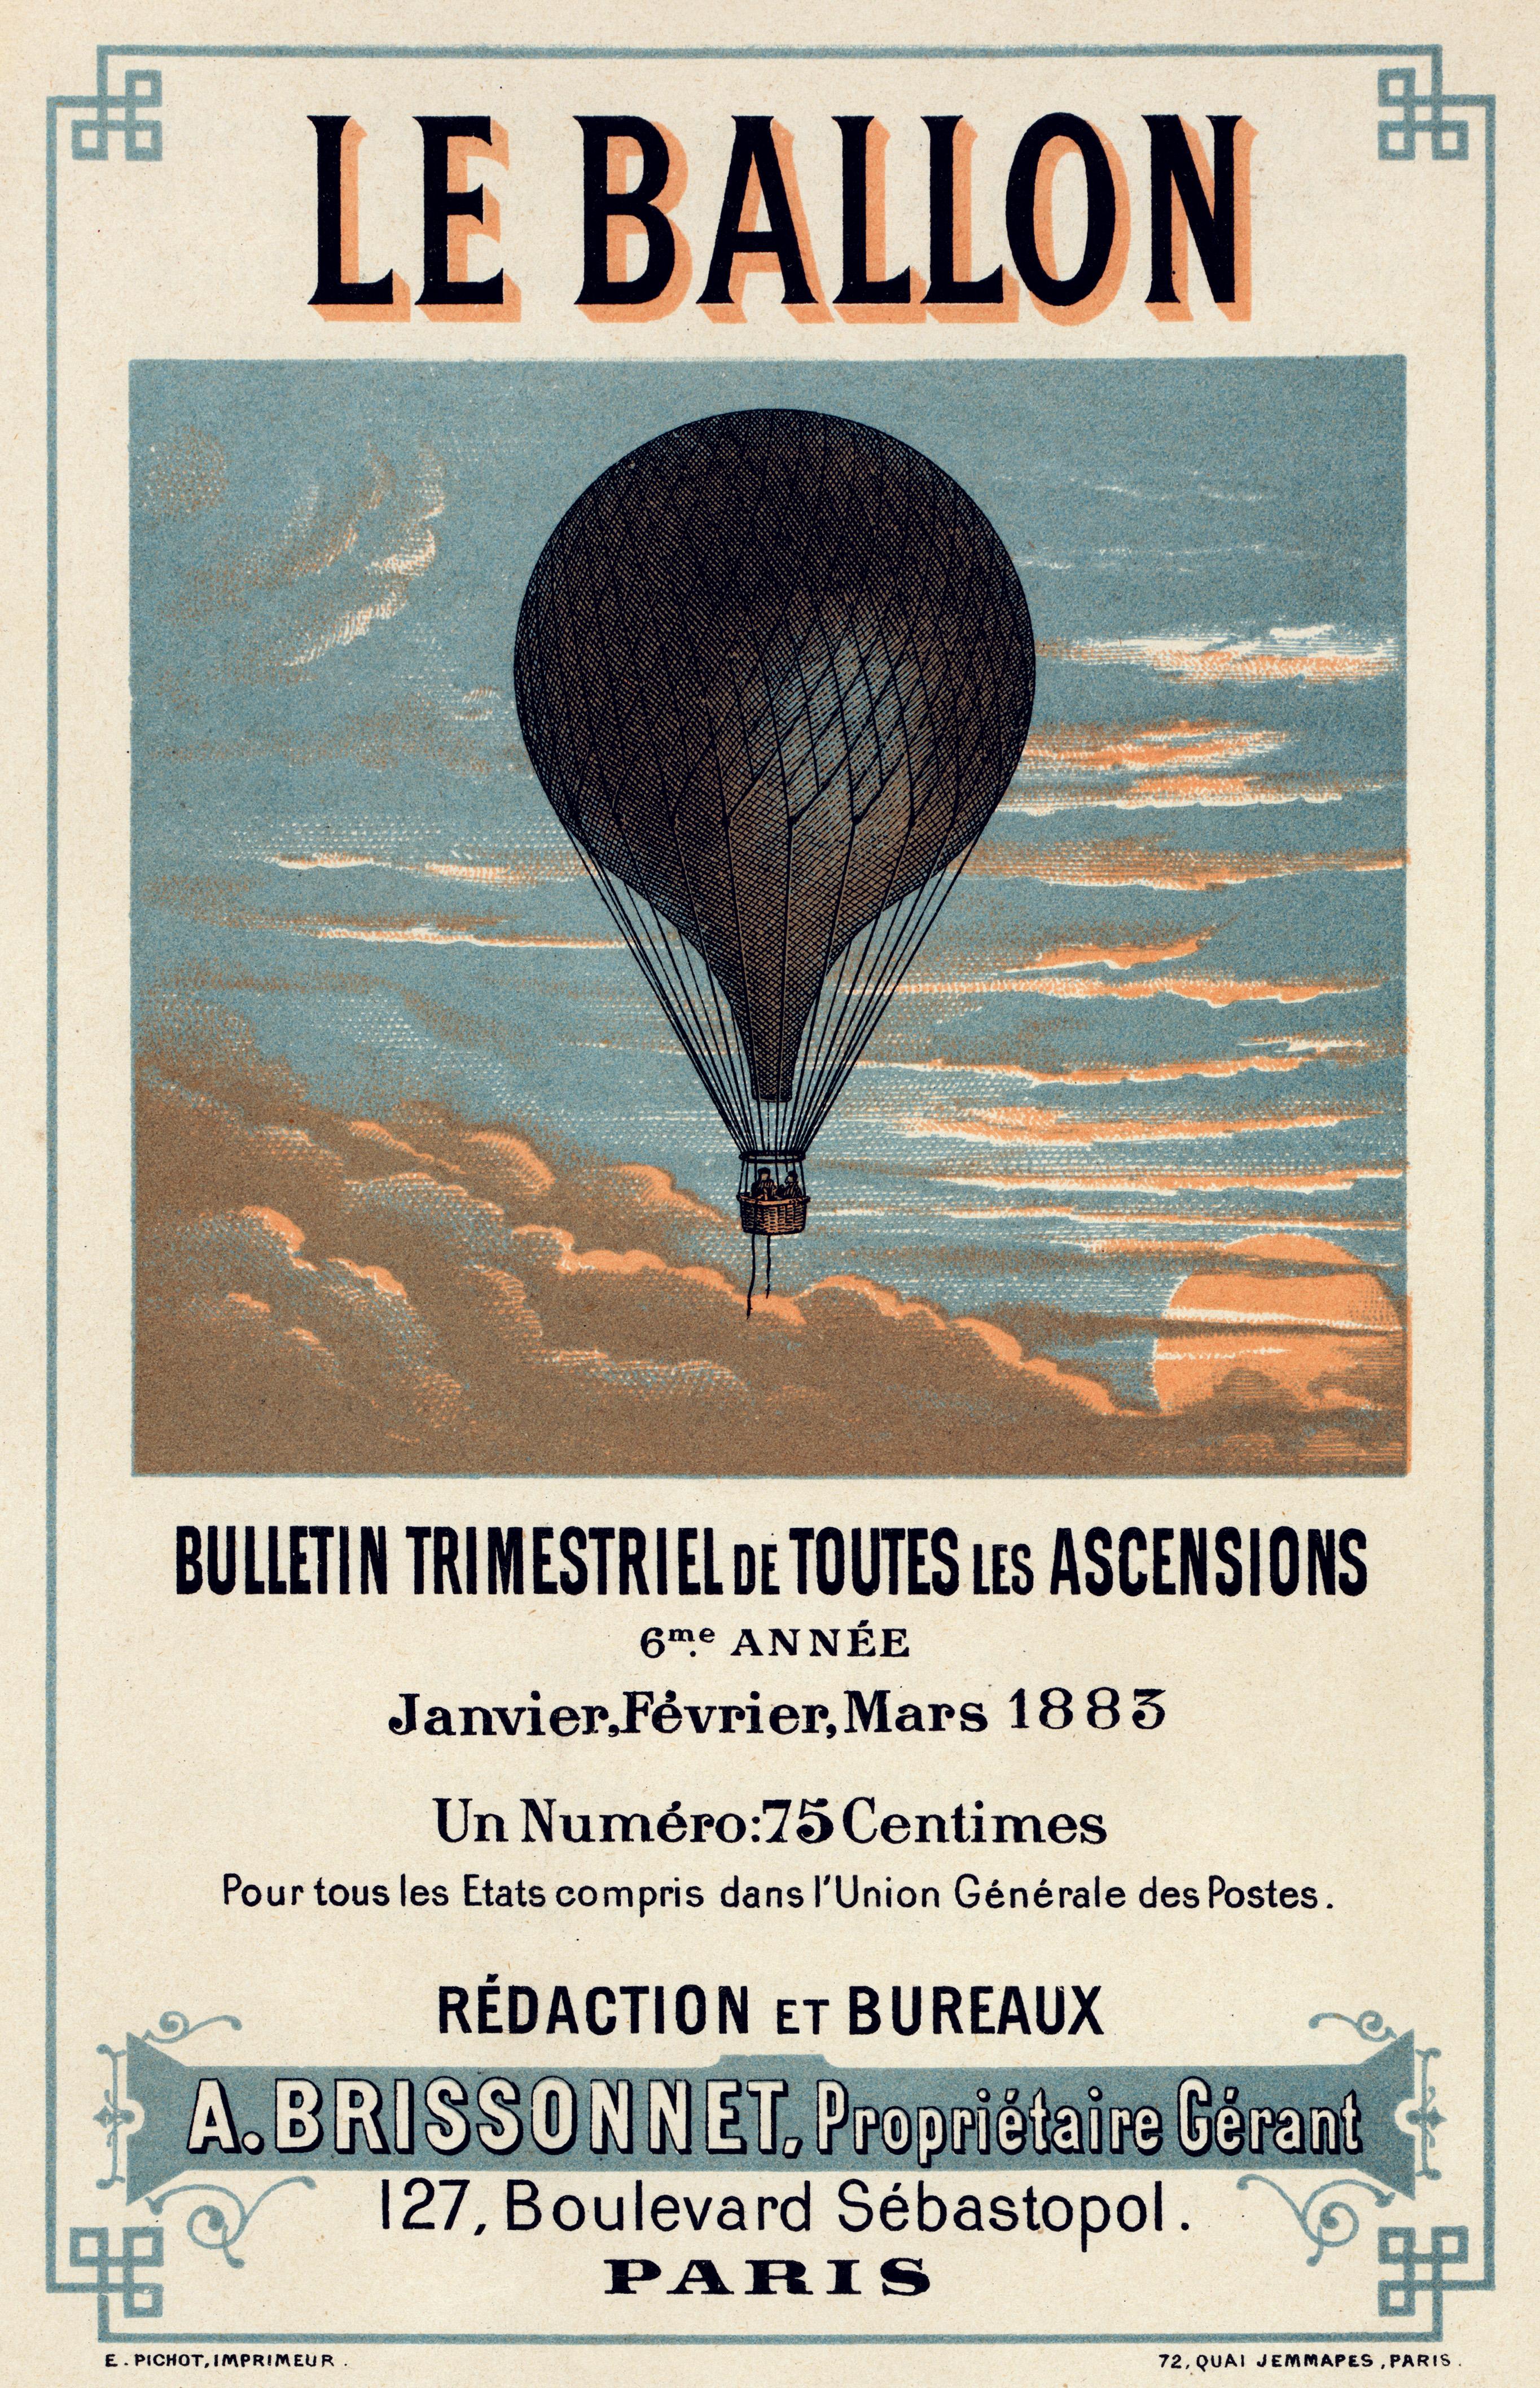 Bulletin Trimestriel de Toutes les Ascensions - Paris (1883)